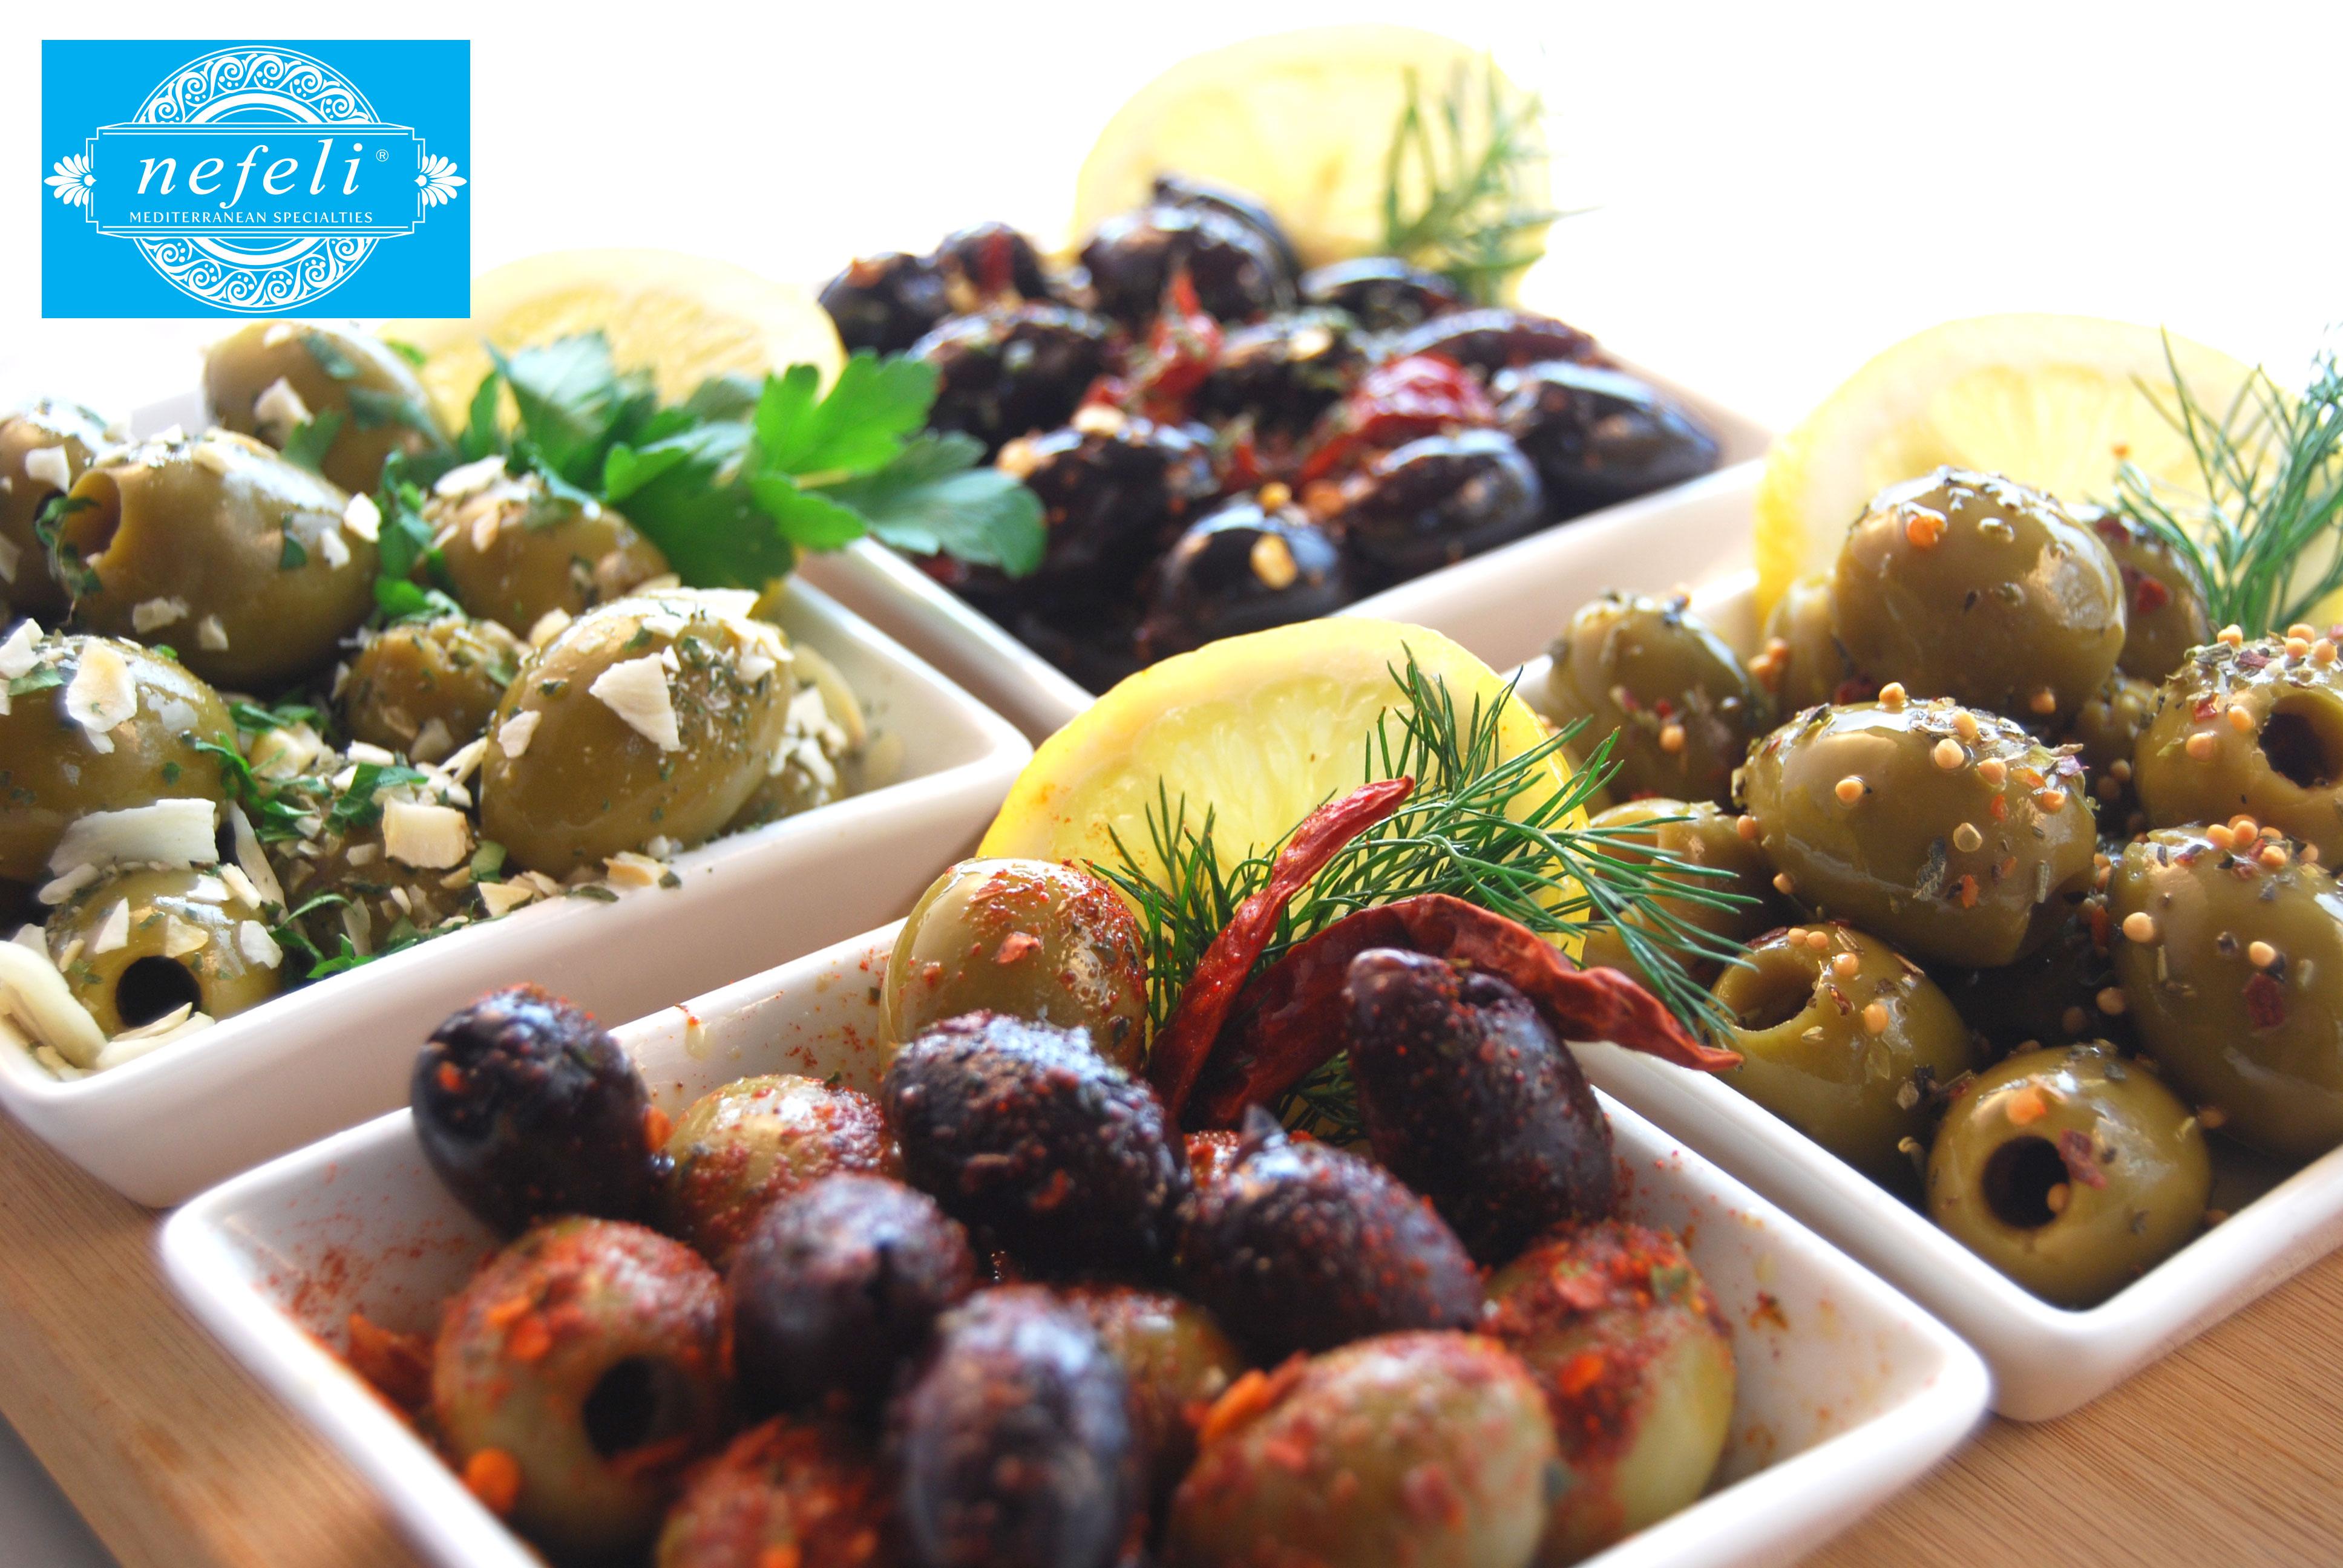 Nefeli-Marinated-Olives